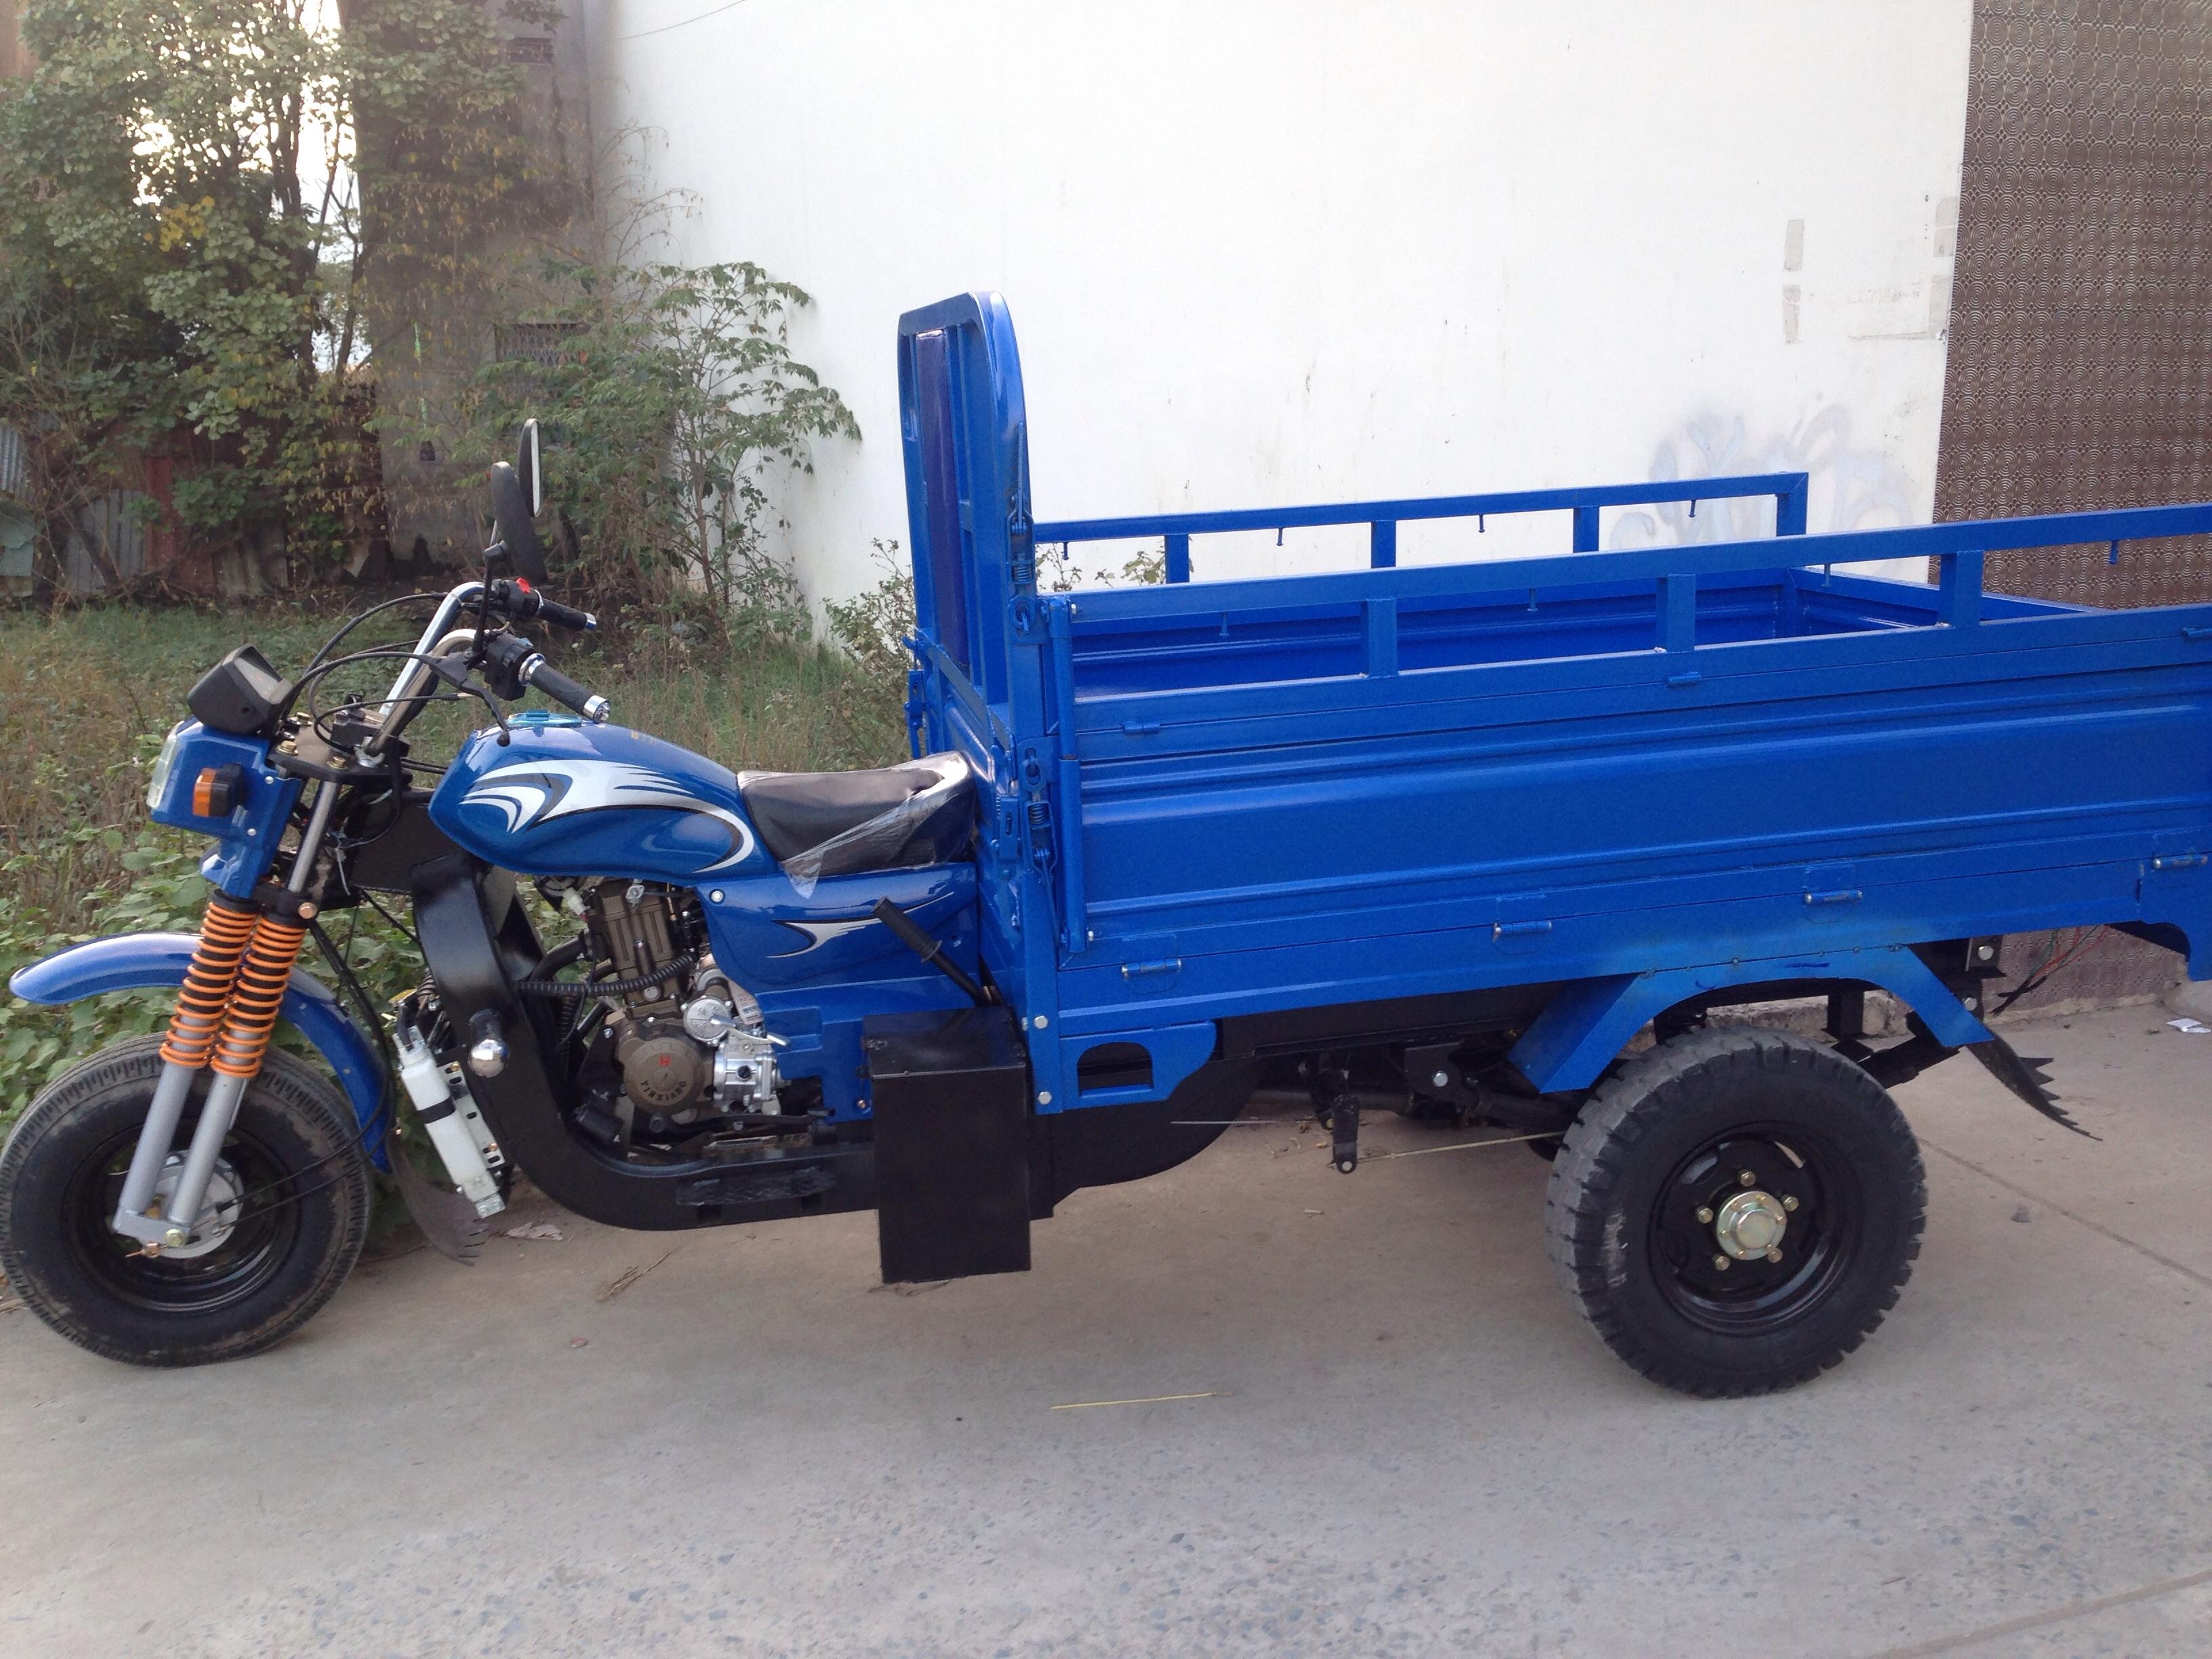 Báo giá xe ba gác Nam Định - Xưởng xe ba gác Tiến Phát. Liên hệ với PKD số Hotilne 0938551456